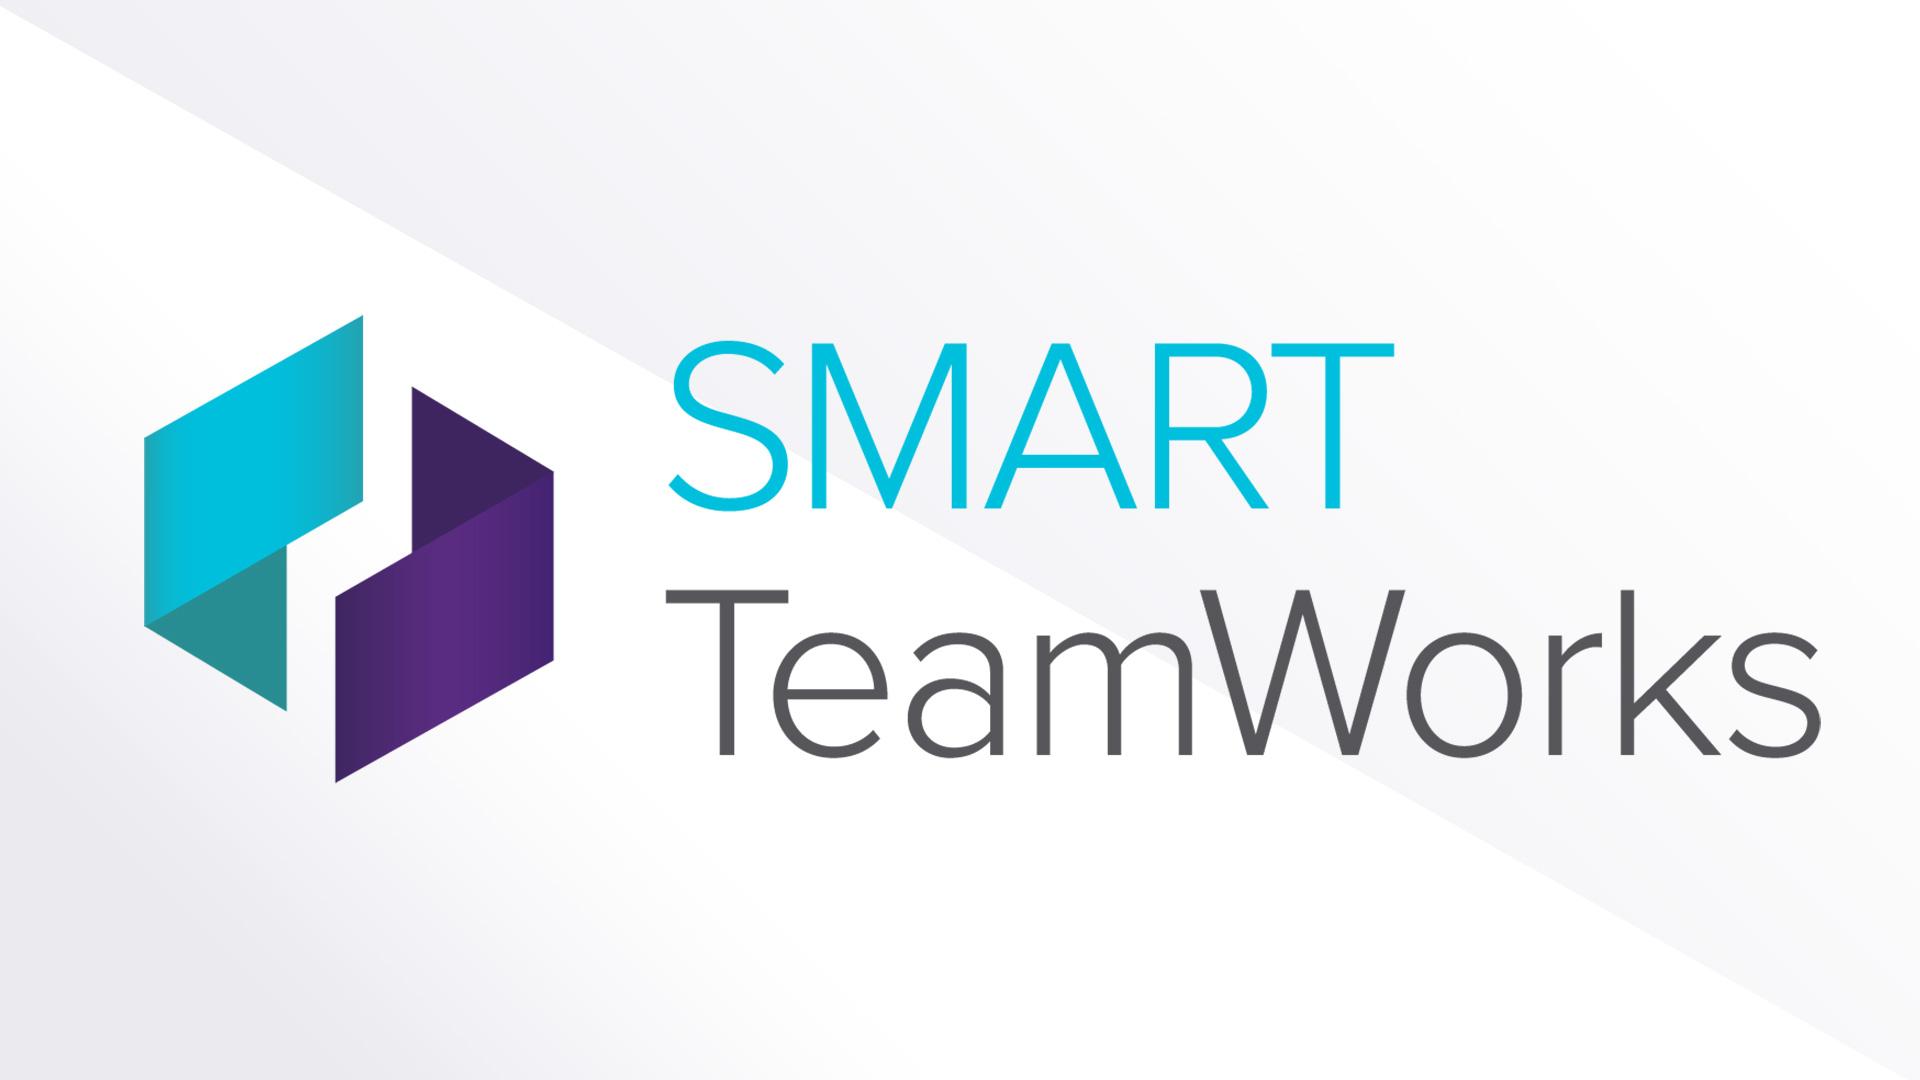 SMART TeamWorks